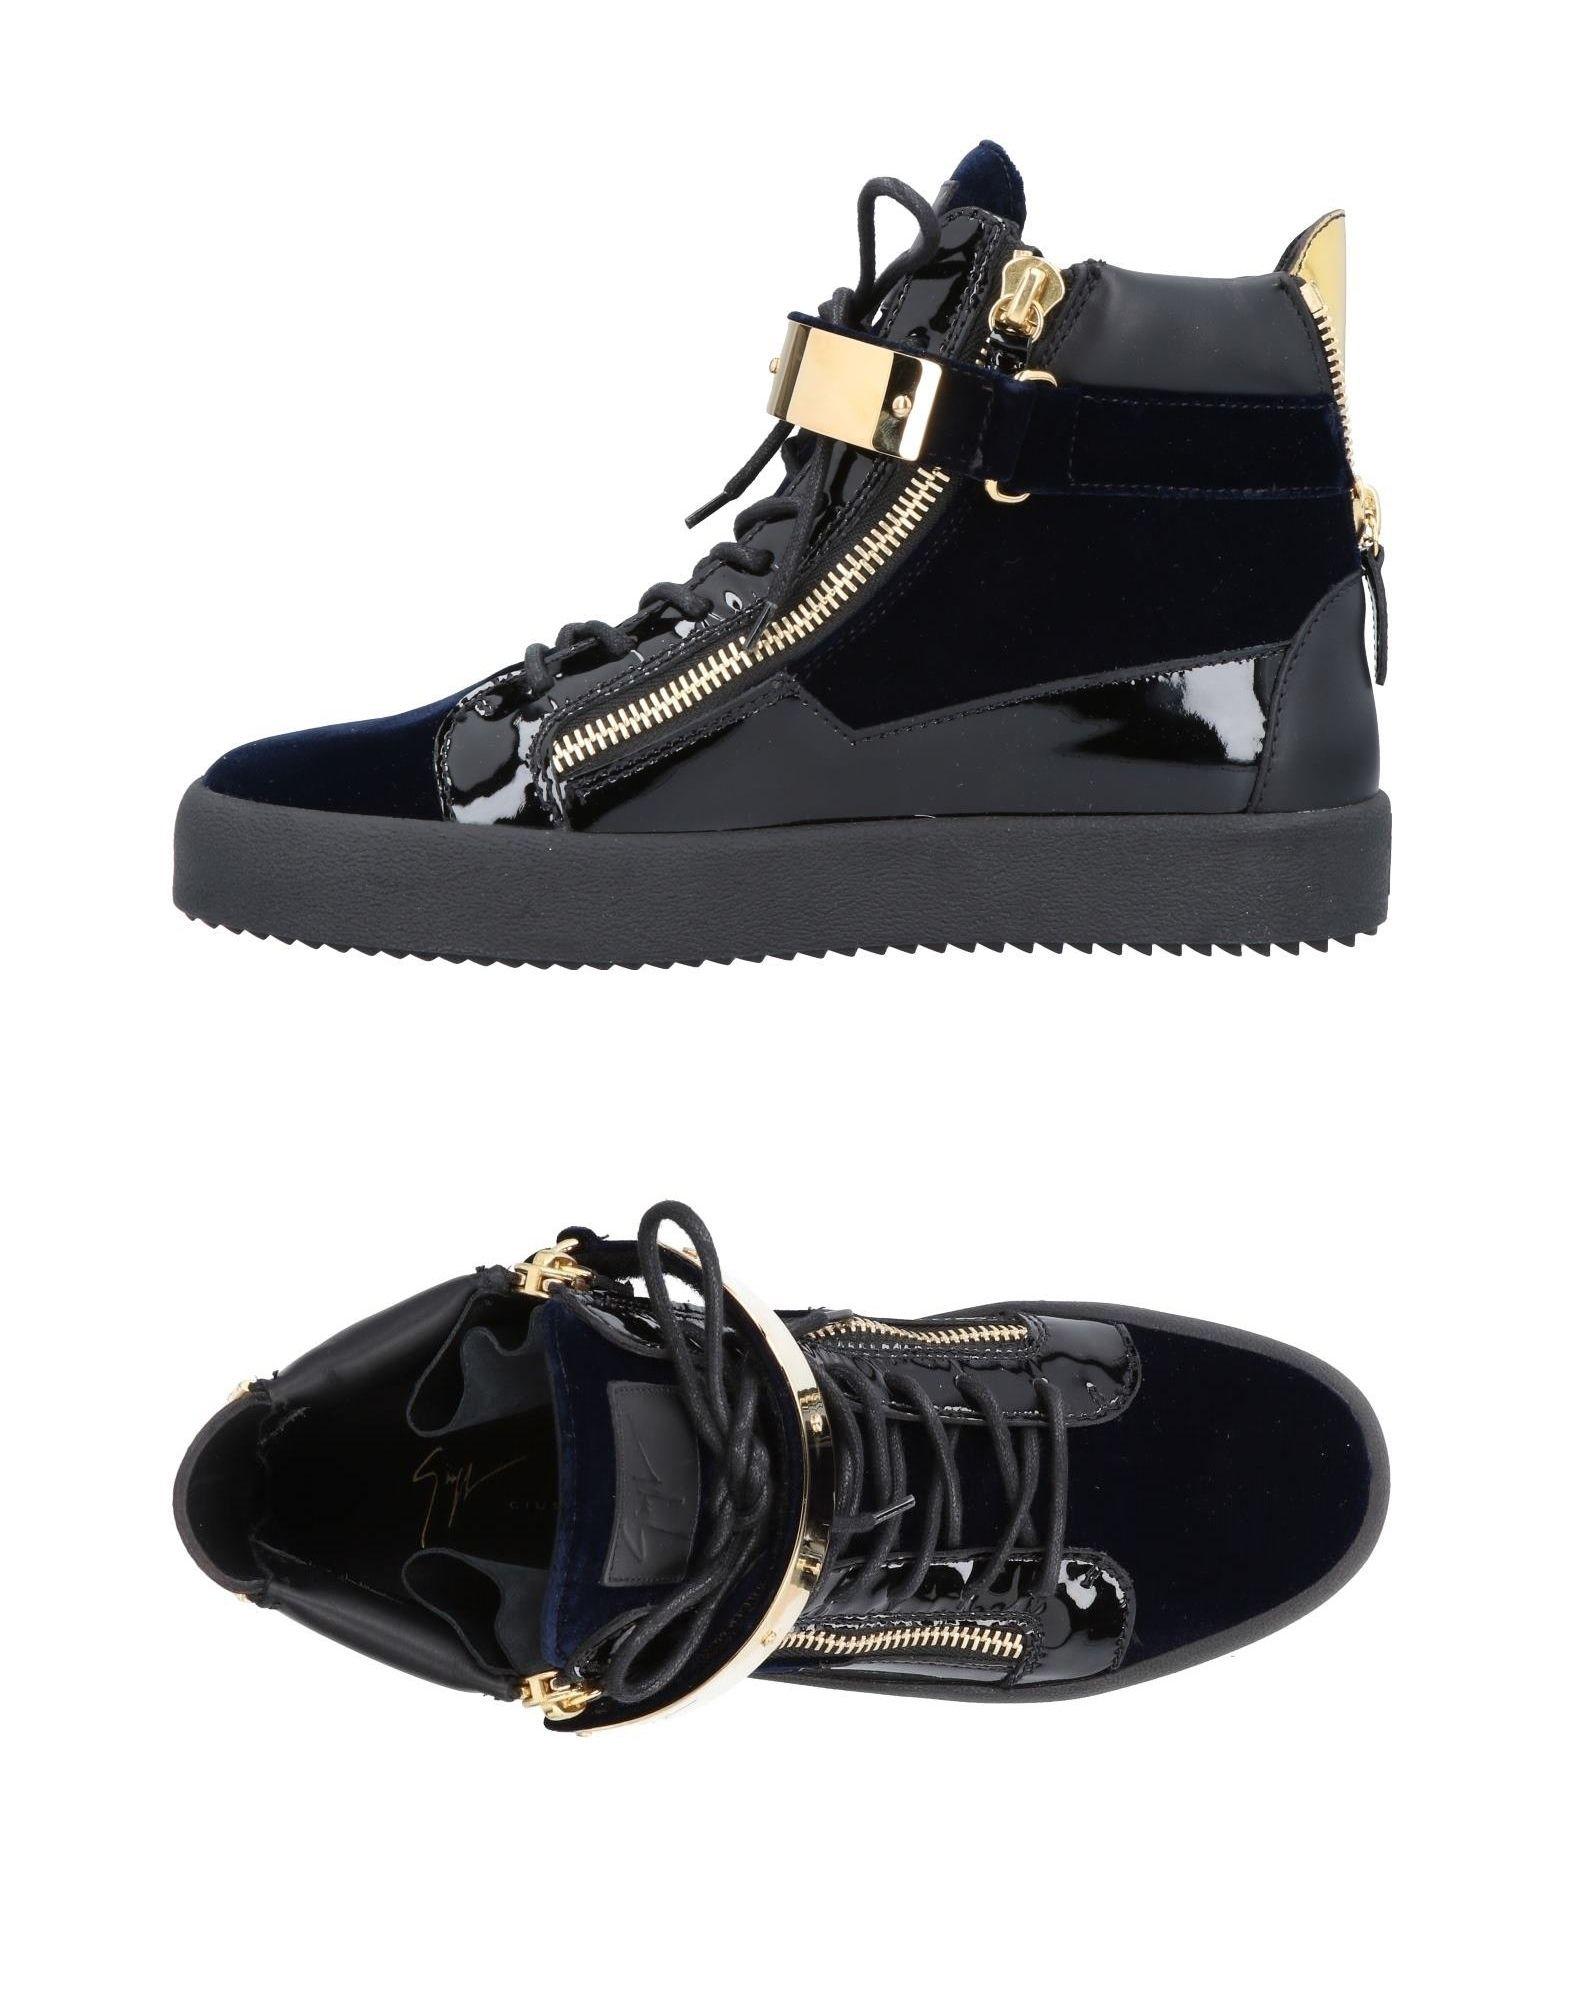 Scarpe resistenti economiche e resistenti Scarpe Sneakers Giuseppe Zanotti Uomo 550362